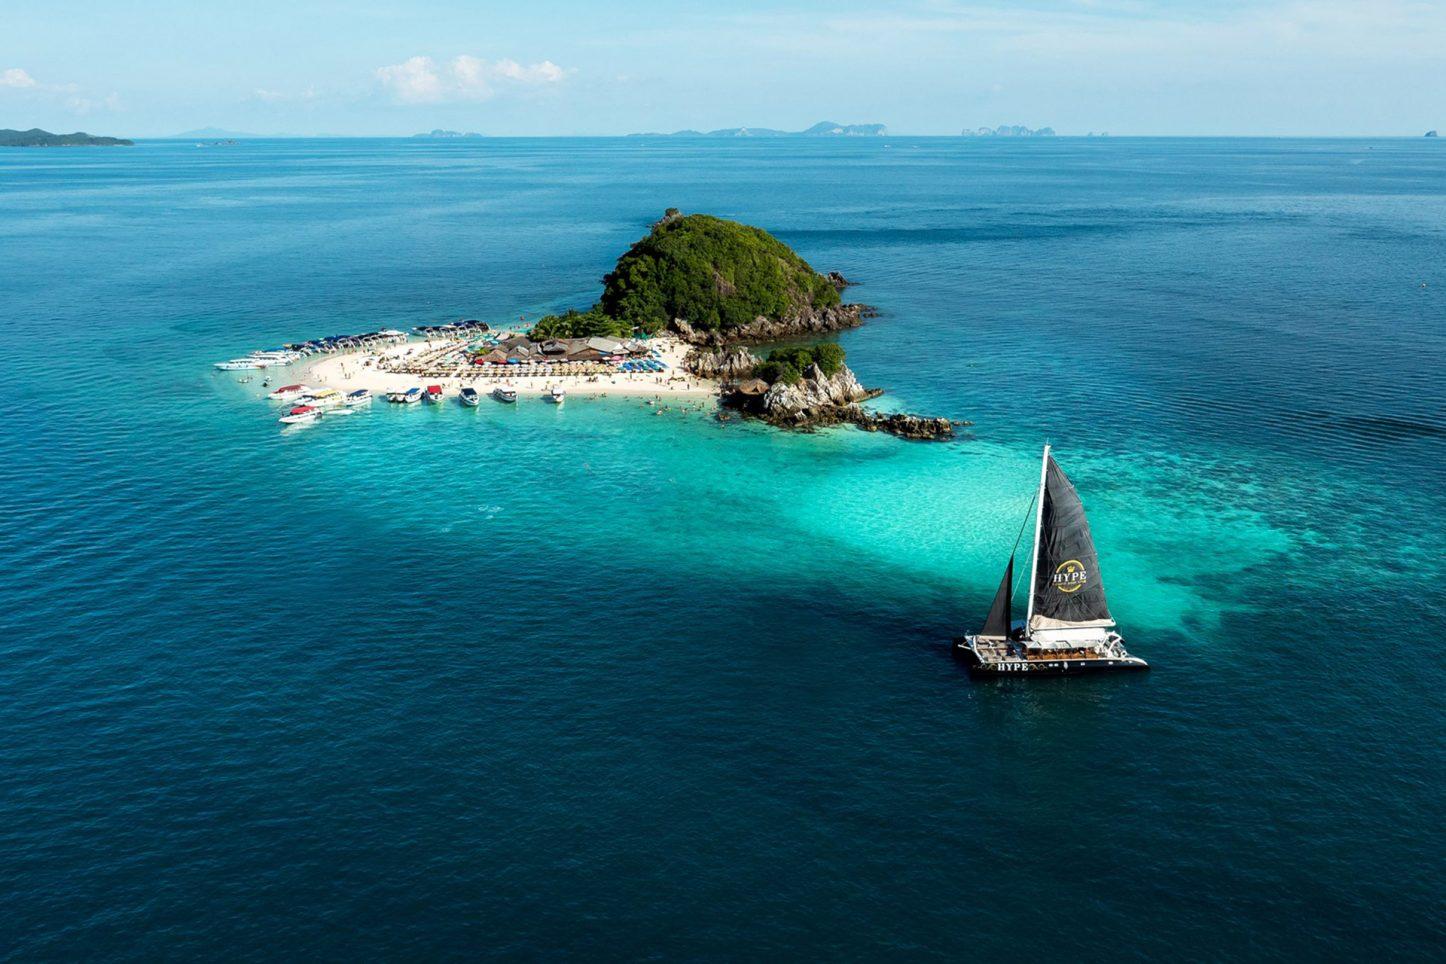 Hype Luxury Boat Club Phuket, Phuket, Thailand